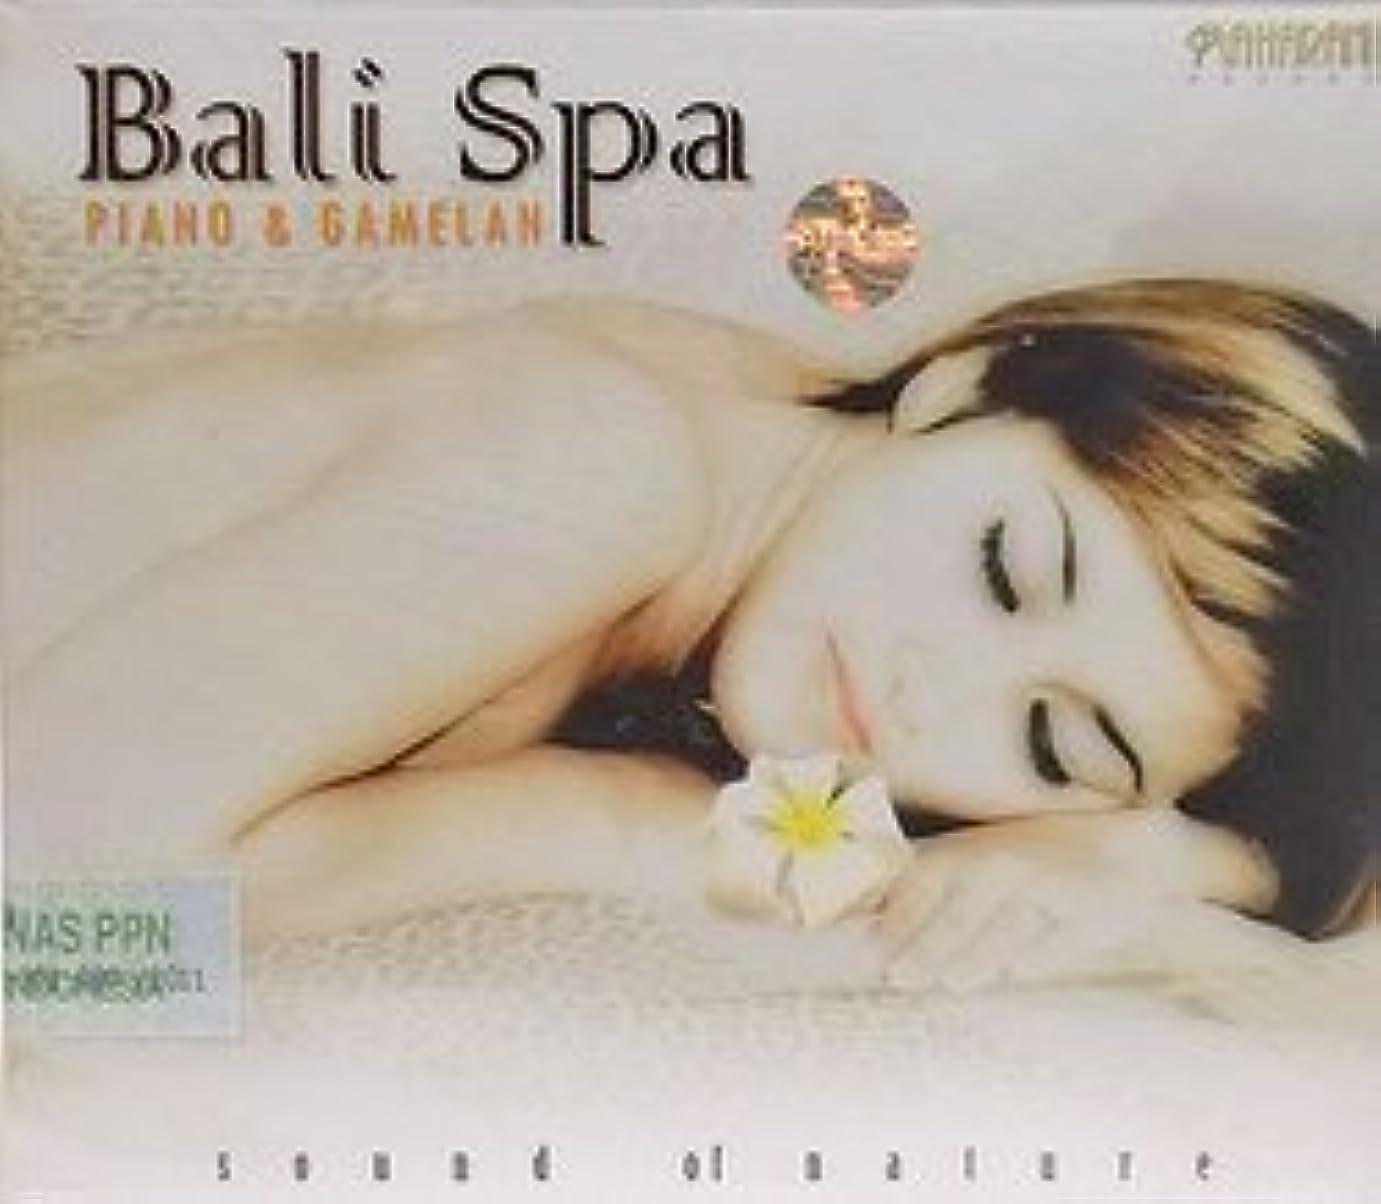 趣味後方にフィラデルフィア癒しのバリミュージック 『Bali Spa PIANO&GAMELAN』 バリ雑貨 癒し系CD ヒーリングミュージック